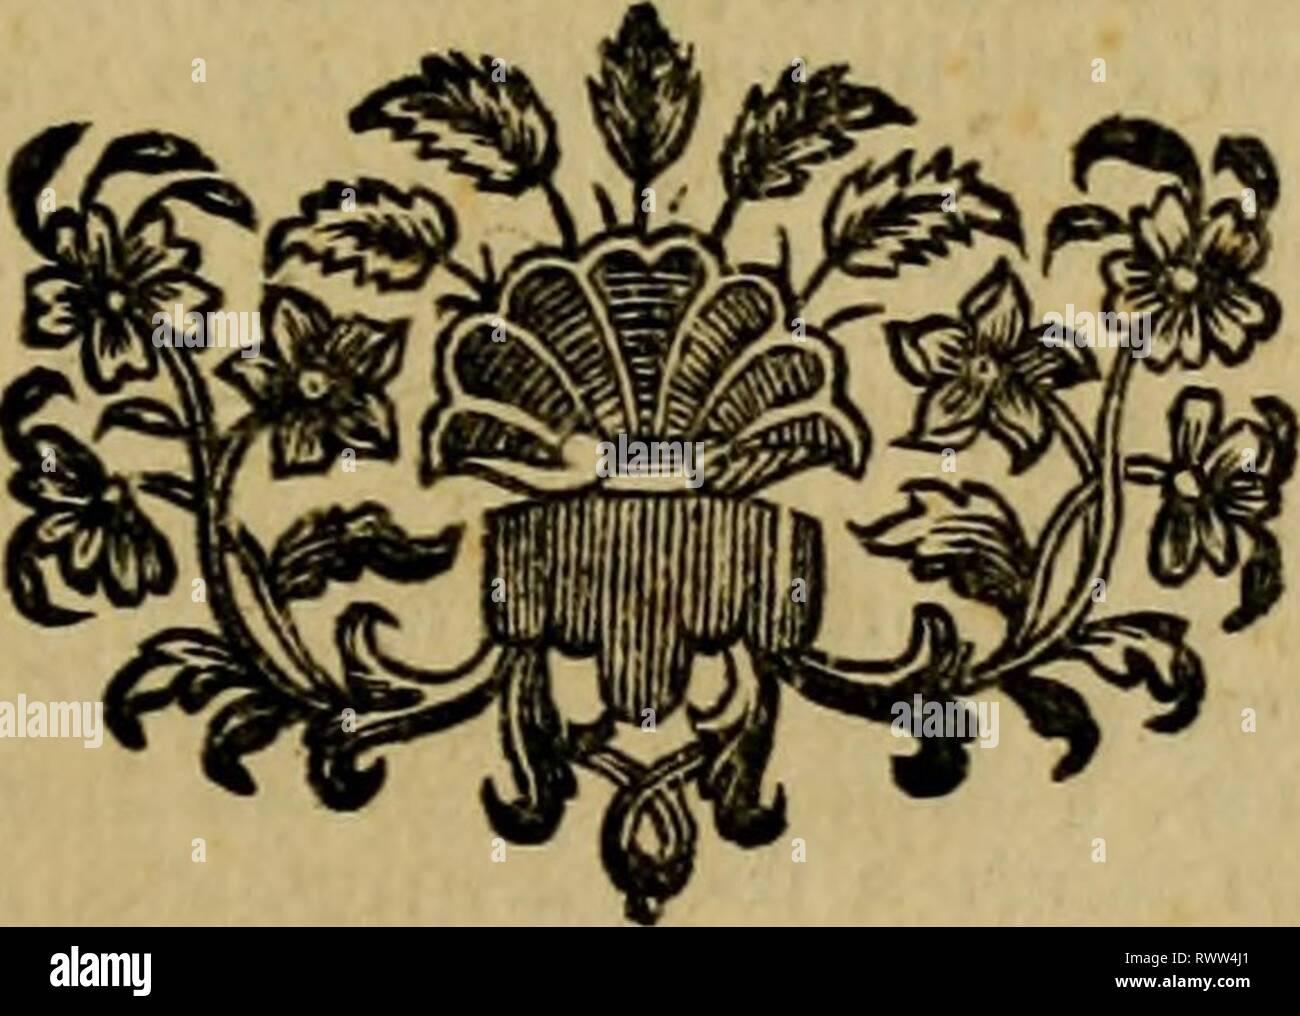 Encyclopédie méthodique  Histoire naturelle Stock Photo